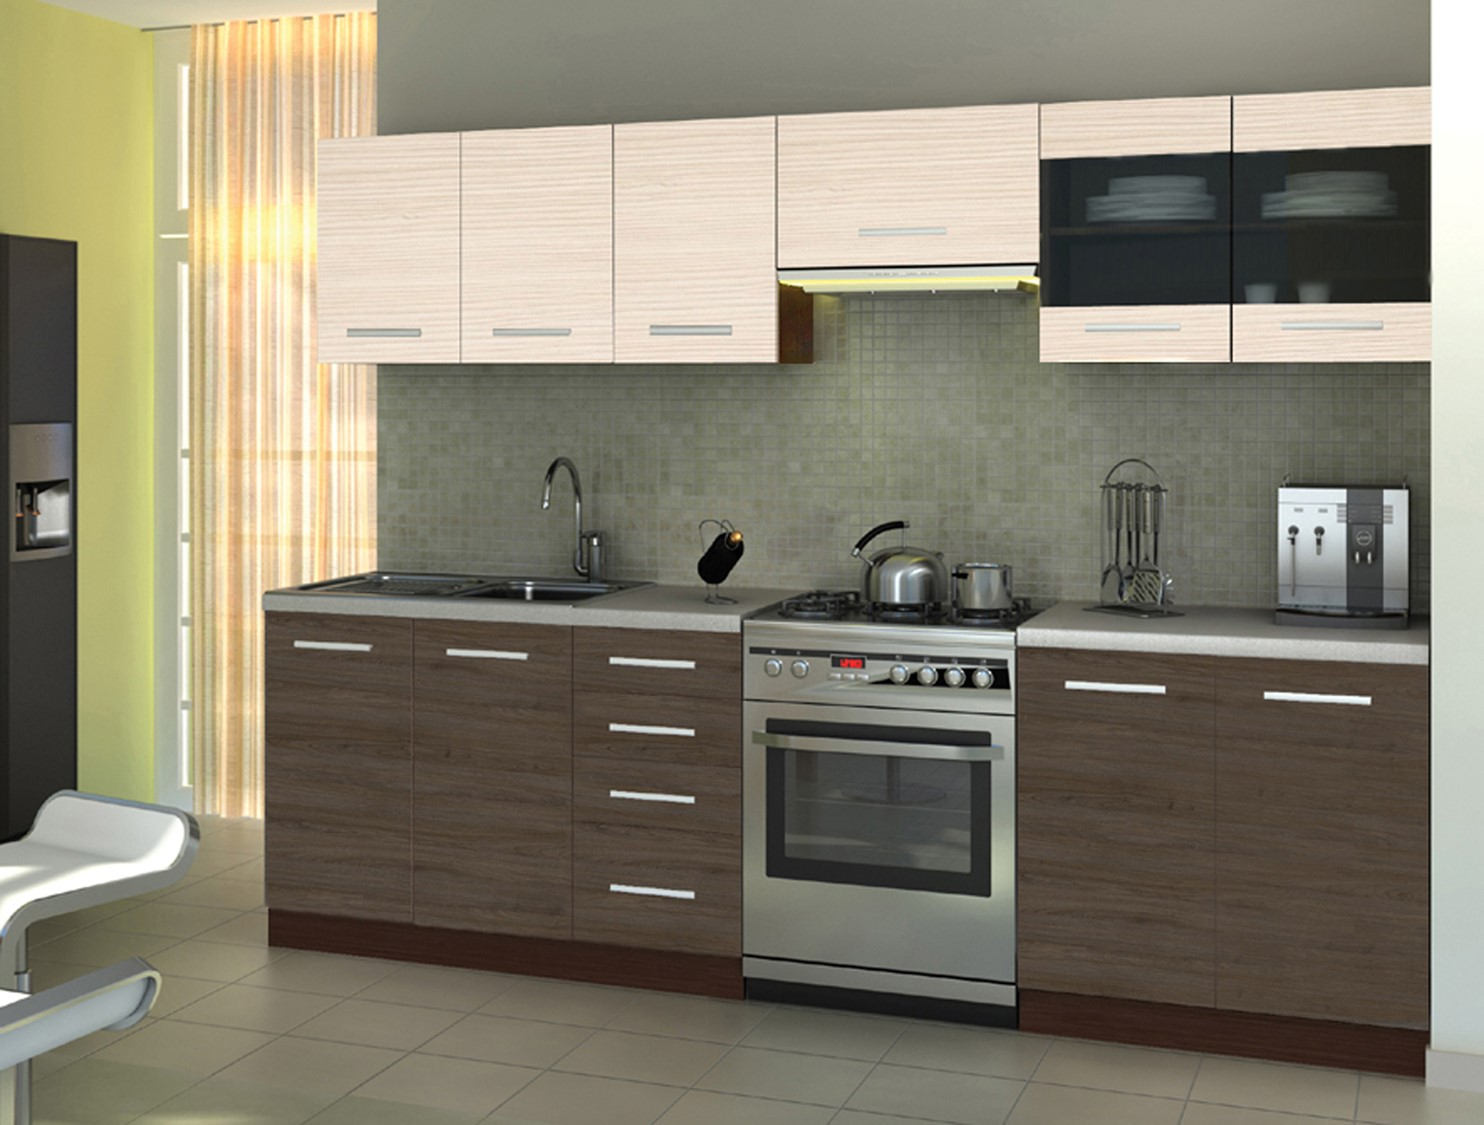 Praktyczne i wygodne meble kuchenne modułowe